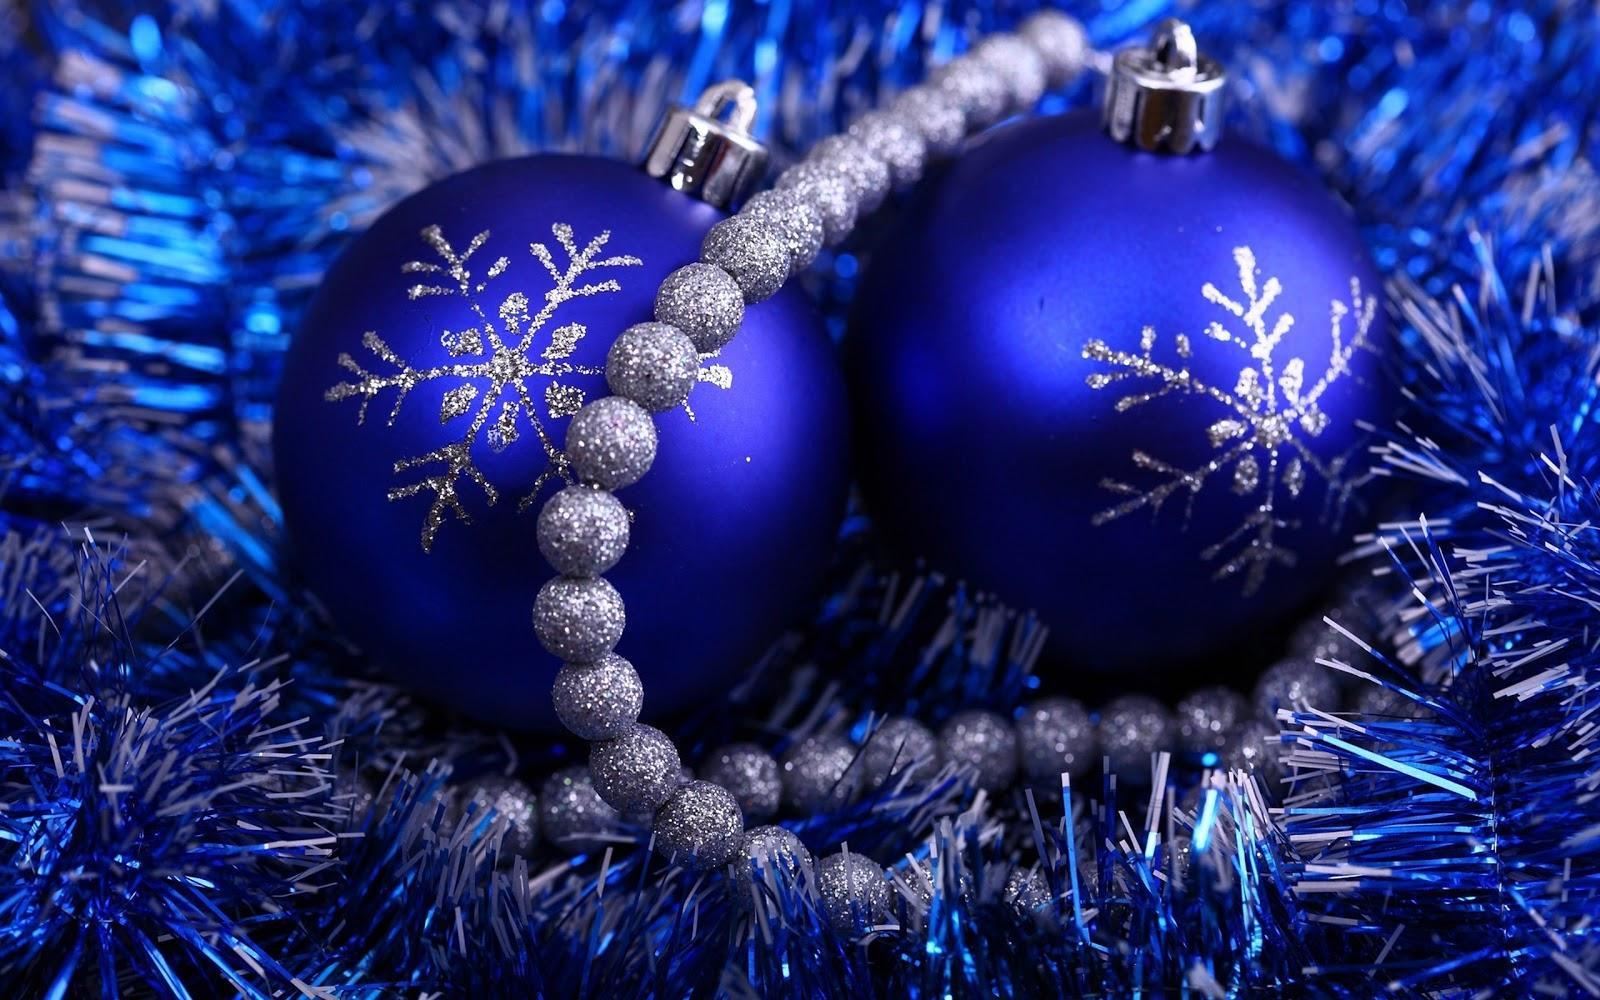 Weihnachtsbilder Hd.Weihnachtsbilder Hintergrund Hd Italiaansinschoonhoven